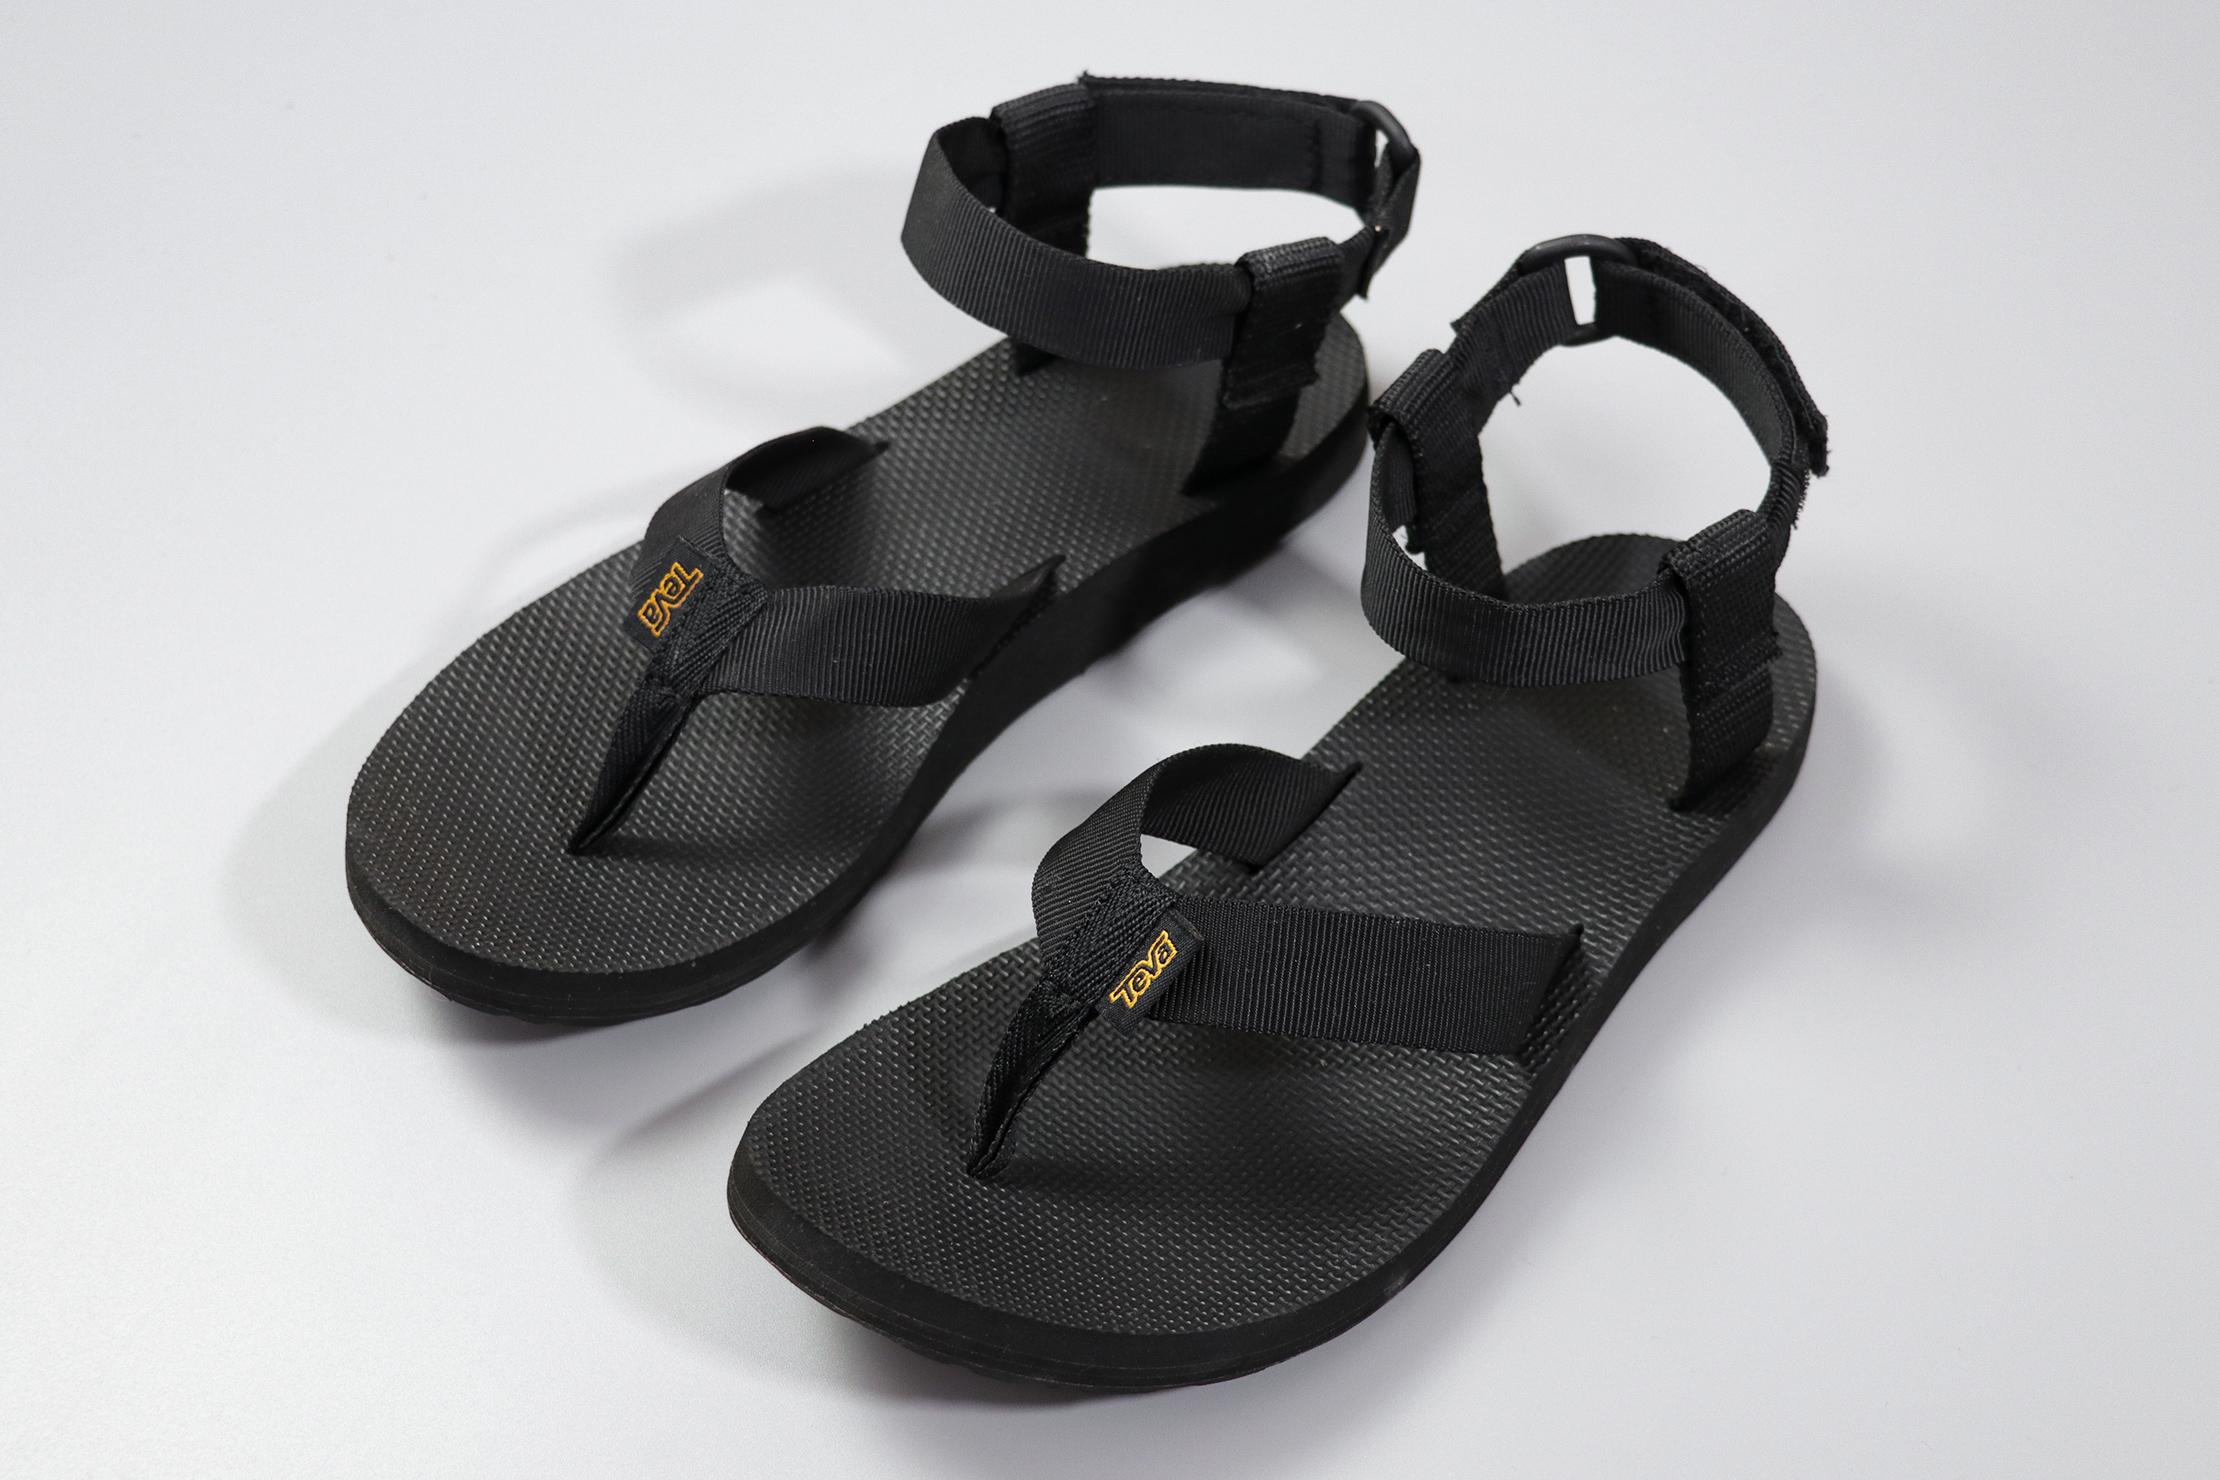 Teva Original Sandals Review   Pack Hacker